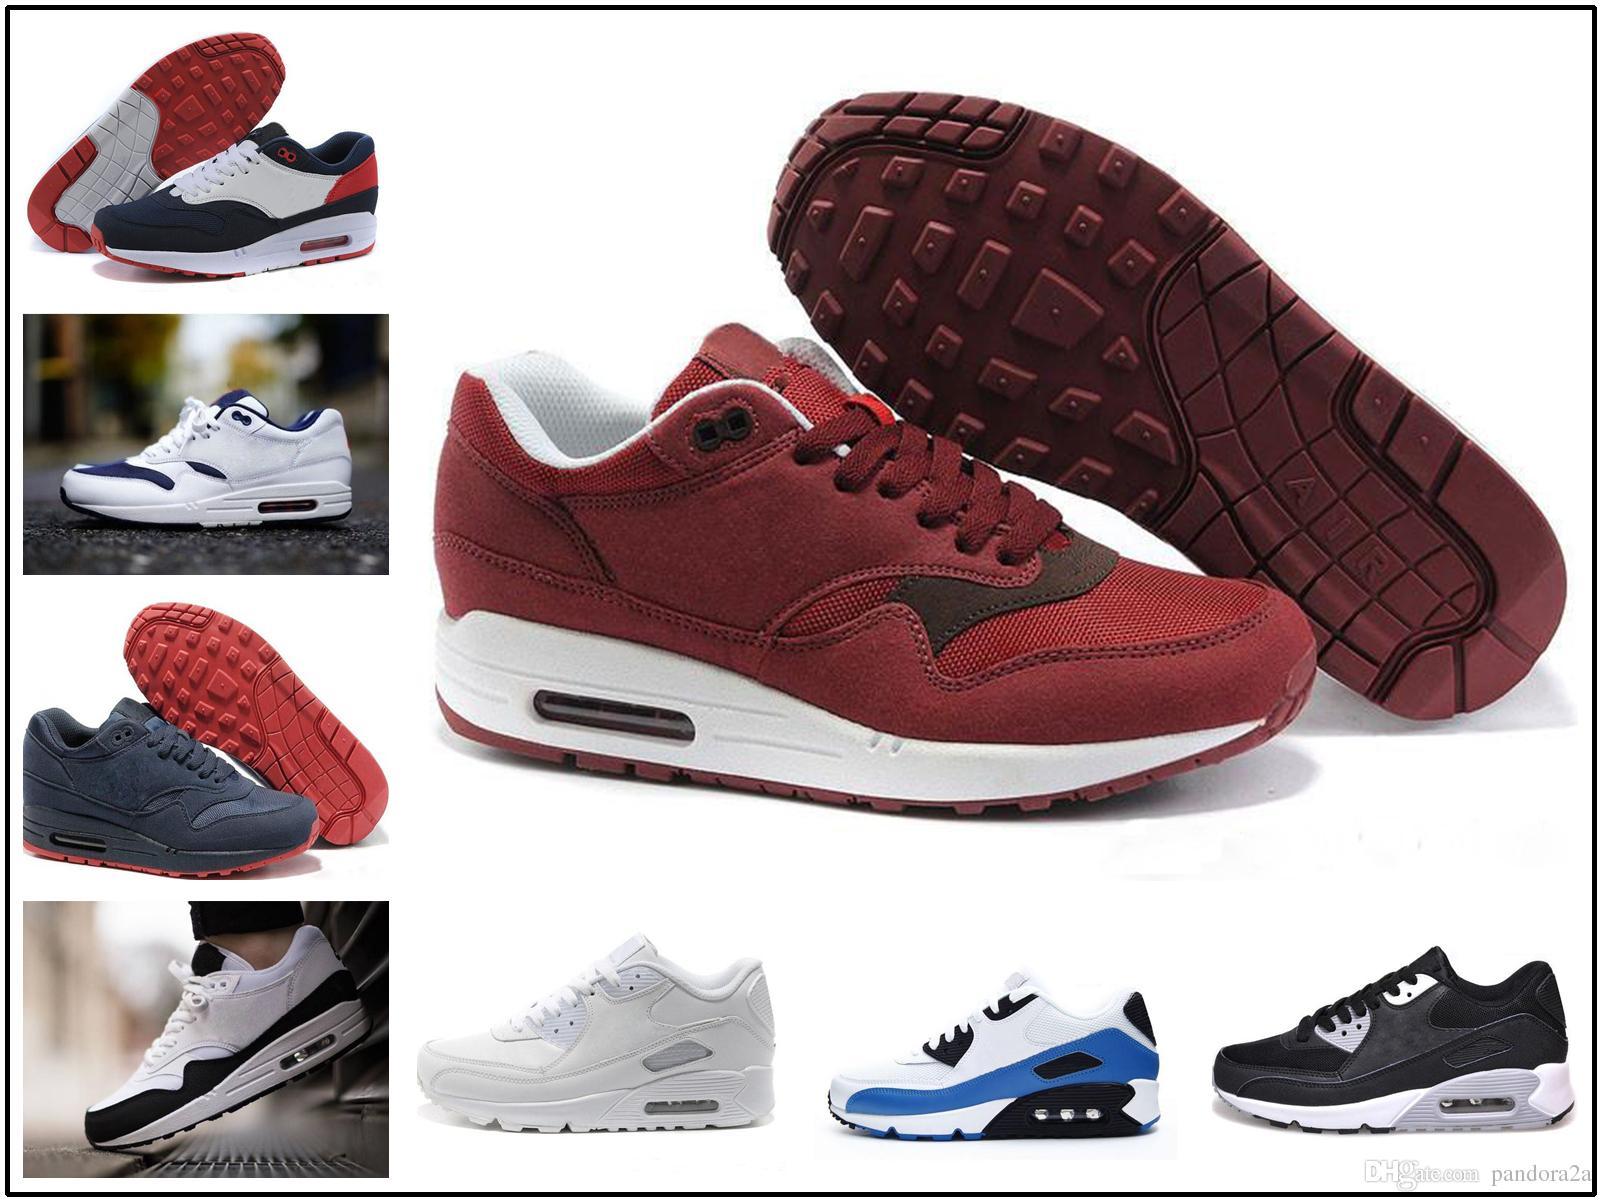 d99064cc809f2 Compre Nike Air Max Airmax 87 90 2017 Nuevo Diseño 87 Ultra Teje Los Zapatos  Casuales Para Hombre